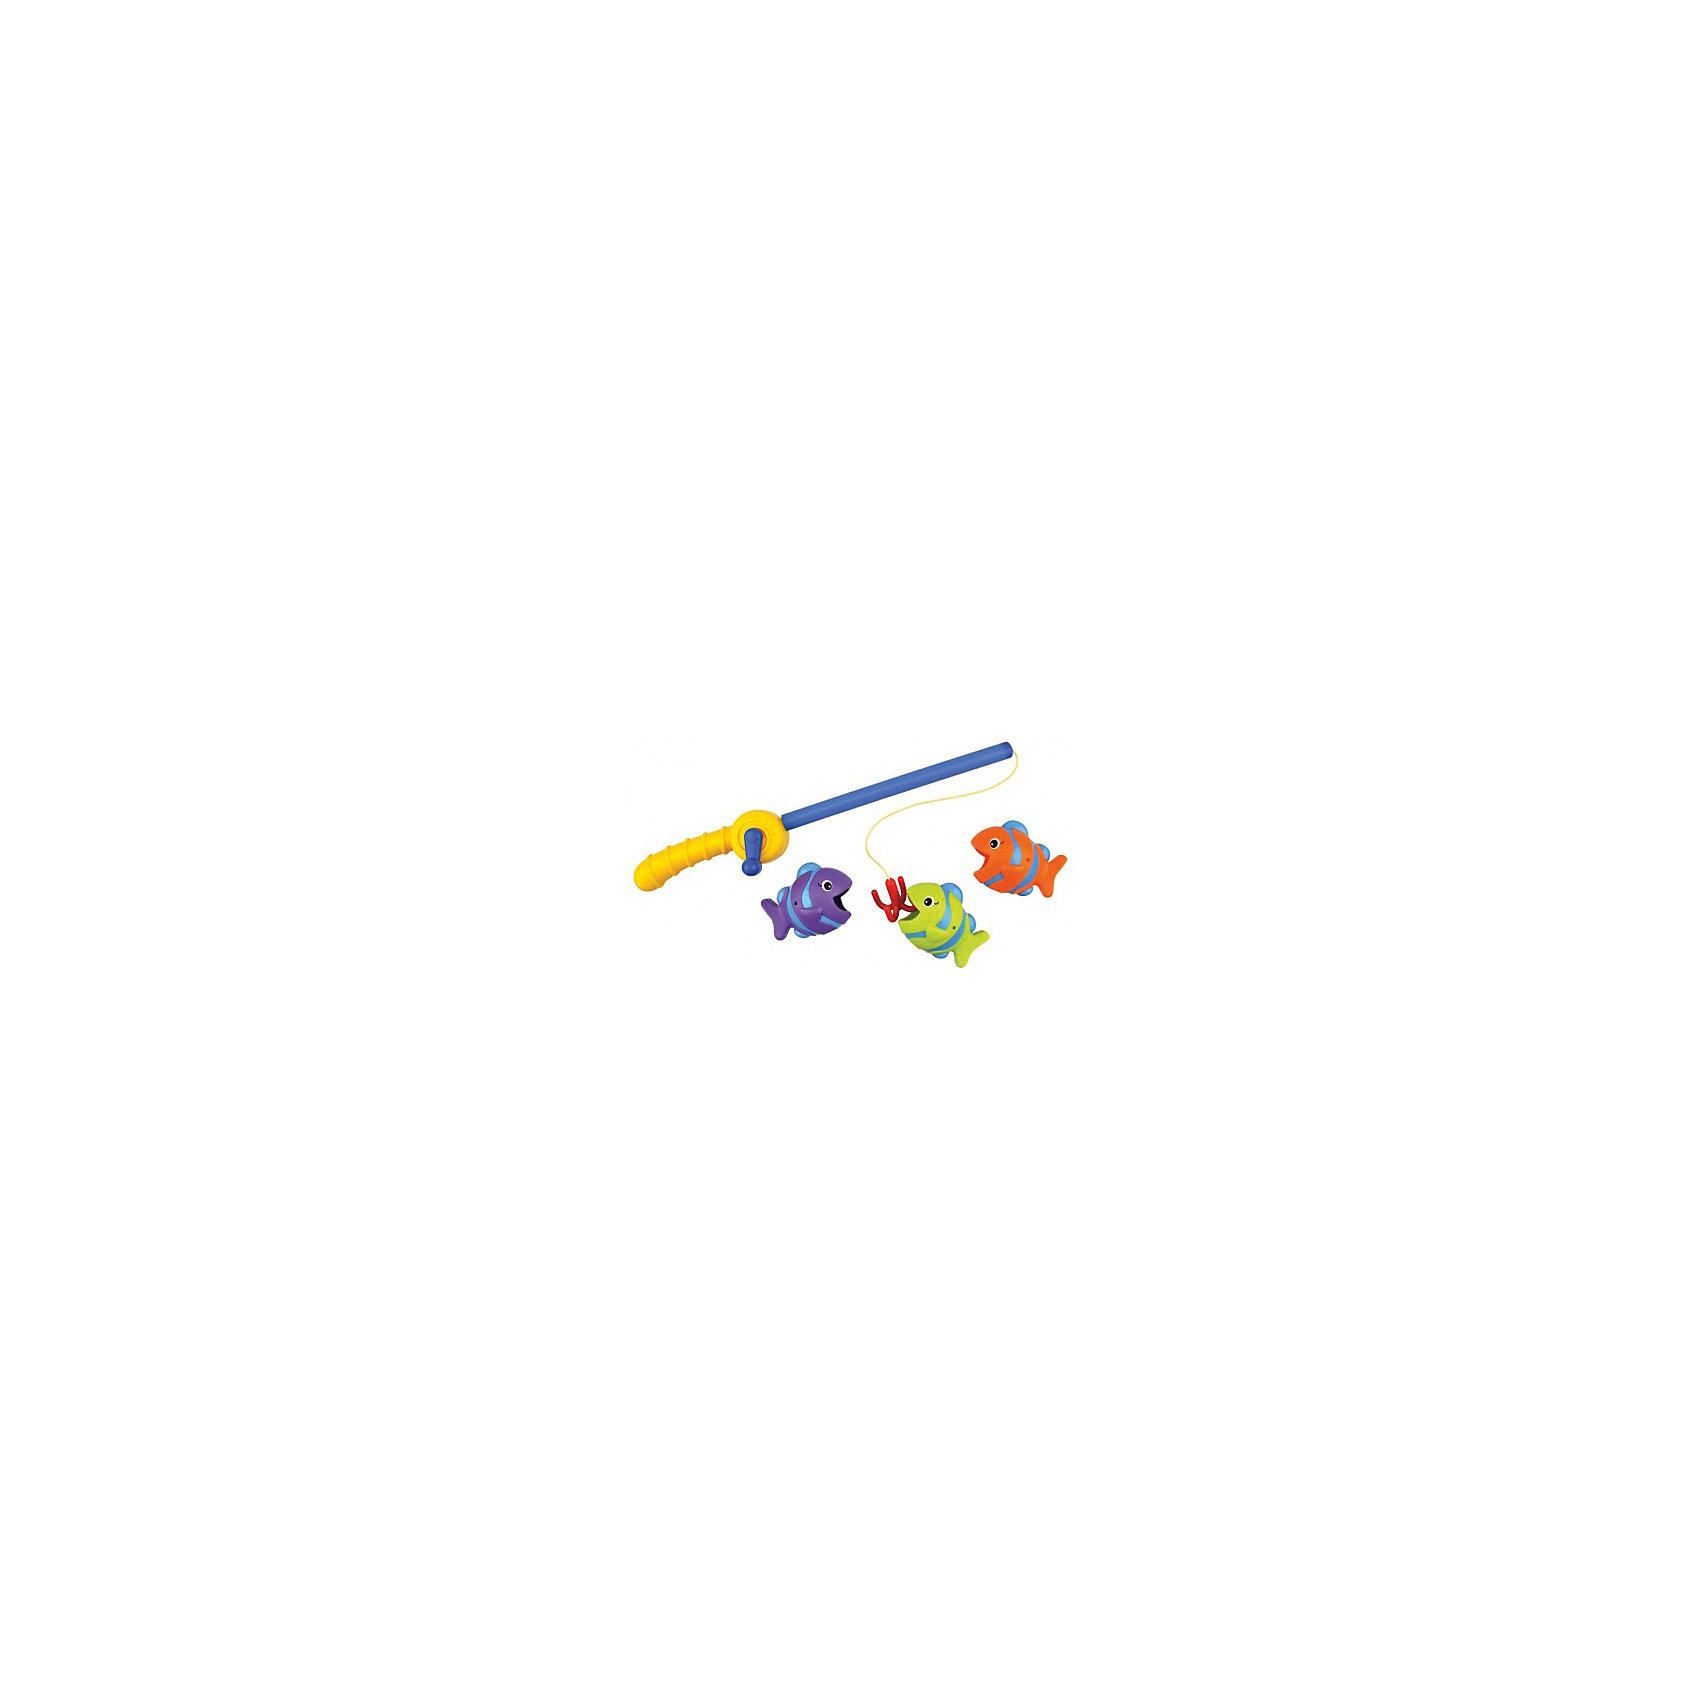 Время рыбалки, Ks KidsРазвивающие игрушки<br>Время рыбалки, Ks Kids (Кс Кидс) сделает купание малыша настоящим событием. Теперь ваш ребенок не просто идет купаться, он идет на рыбалку! А чтобы рыбалка была удачной, необходима удочка. Удочка от Кс Кидс имитирует настоящую: у нее есть удобная ручка, катушка и настоящий крючок. В комплекте к удочке прилагаются три яркие разноцветные рыбки, ротики у рыбок широко открыты, чтобы без труда их можно было поймать на крючок. <br>Время рыбалки, Ks Kids (Кс Кидс) развивает у ребенка координацию движений, ловкость рук. Игрушку можно использовать не только для игр в воде, но и на суше. Рыбалка обучает малыша усидчивости и терпению.<br><br>Дополнительная информация:<br><br>- Вид игр: игры в воде, сюжетно-ролевая игра<br>- Предназначение: для ванной, для бассейна<br>- Материал: качественный пластик<br>- Размер: длина удочки 35 см, размер каждой рыбки 8*6*5 см<br>- Вес: 433 г<br>- Комплектация: удочка, 3 рыбки<br>- Особенности ухода:  можно мыть в мыльной воде<br><br>Подробнее:<br><br>• Для детей в возрасте: от 1 года до 3 лет<br>• Страна производитель: Китай<br>• Торговый бренд: Ks Kids<br><br>Время рыбалки, Ks Kids (Кс Кидс) можно купить в нашем интернет-магазине.<br><br>Ширина мм: 290<br>Глубина мм: 262<br>Высота мм: 73<br>Вес г: 433<br>Возраст от месяцев: 12<br>Возраст до месяцев: 36<br>Пол: Унисекс<br>Возраст: Детский<br>SKU: 4790454